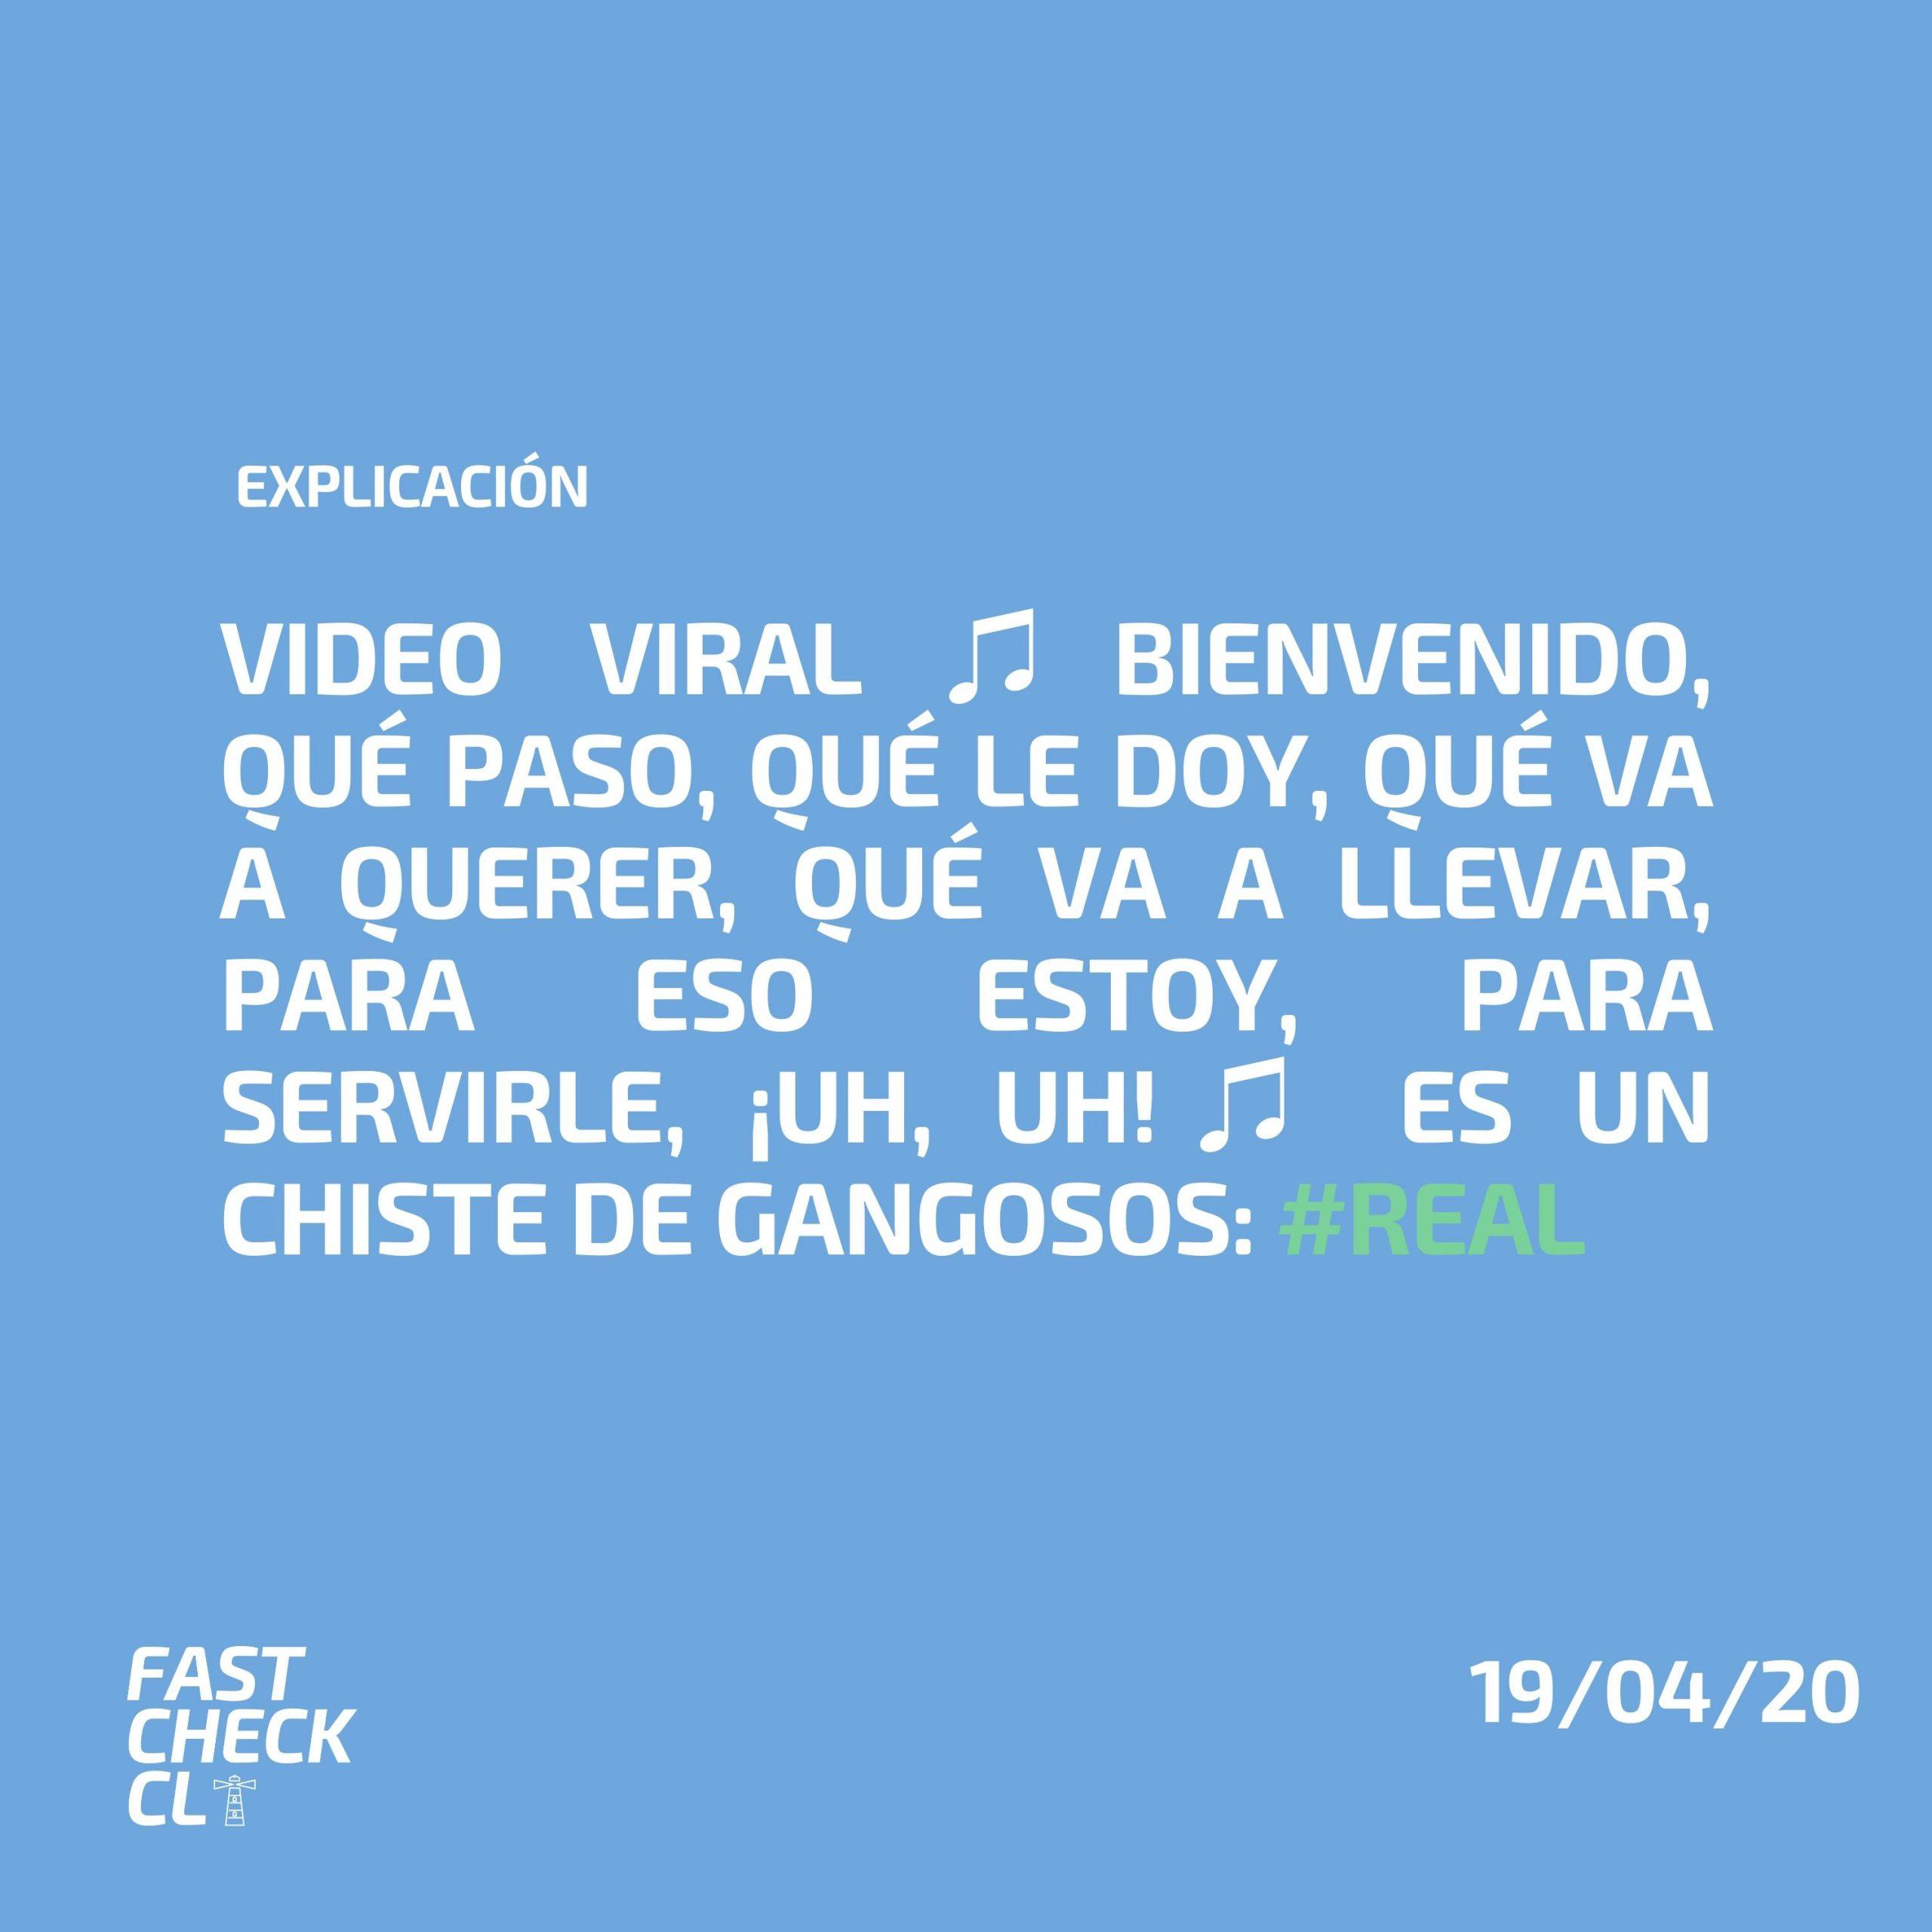 Read more about the article Video viral ♫Bienvenido, qué paso, qué le doy, qué va a querer, qué va a llevar, para eso estoy, para servirle, ¡uh, uh!♫ es un chiste de gangosos: #Real